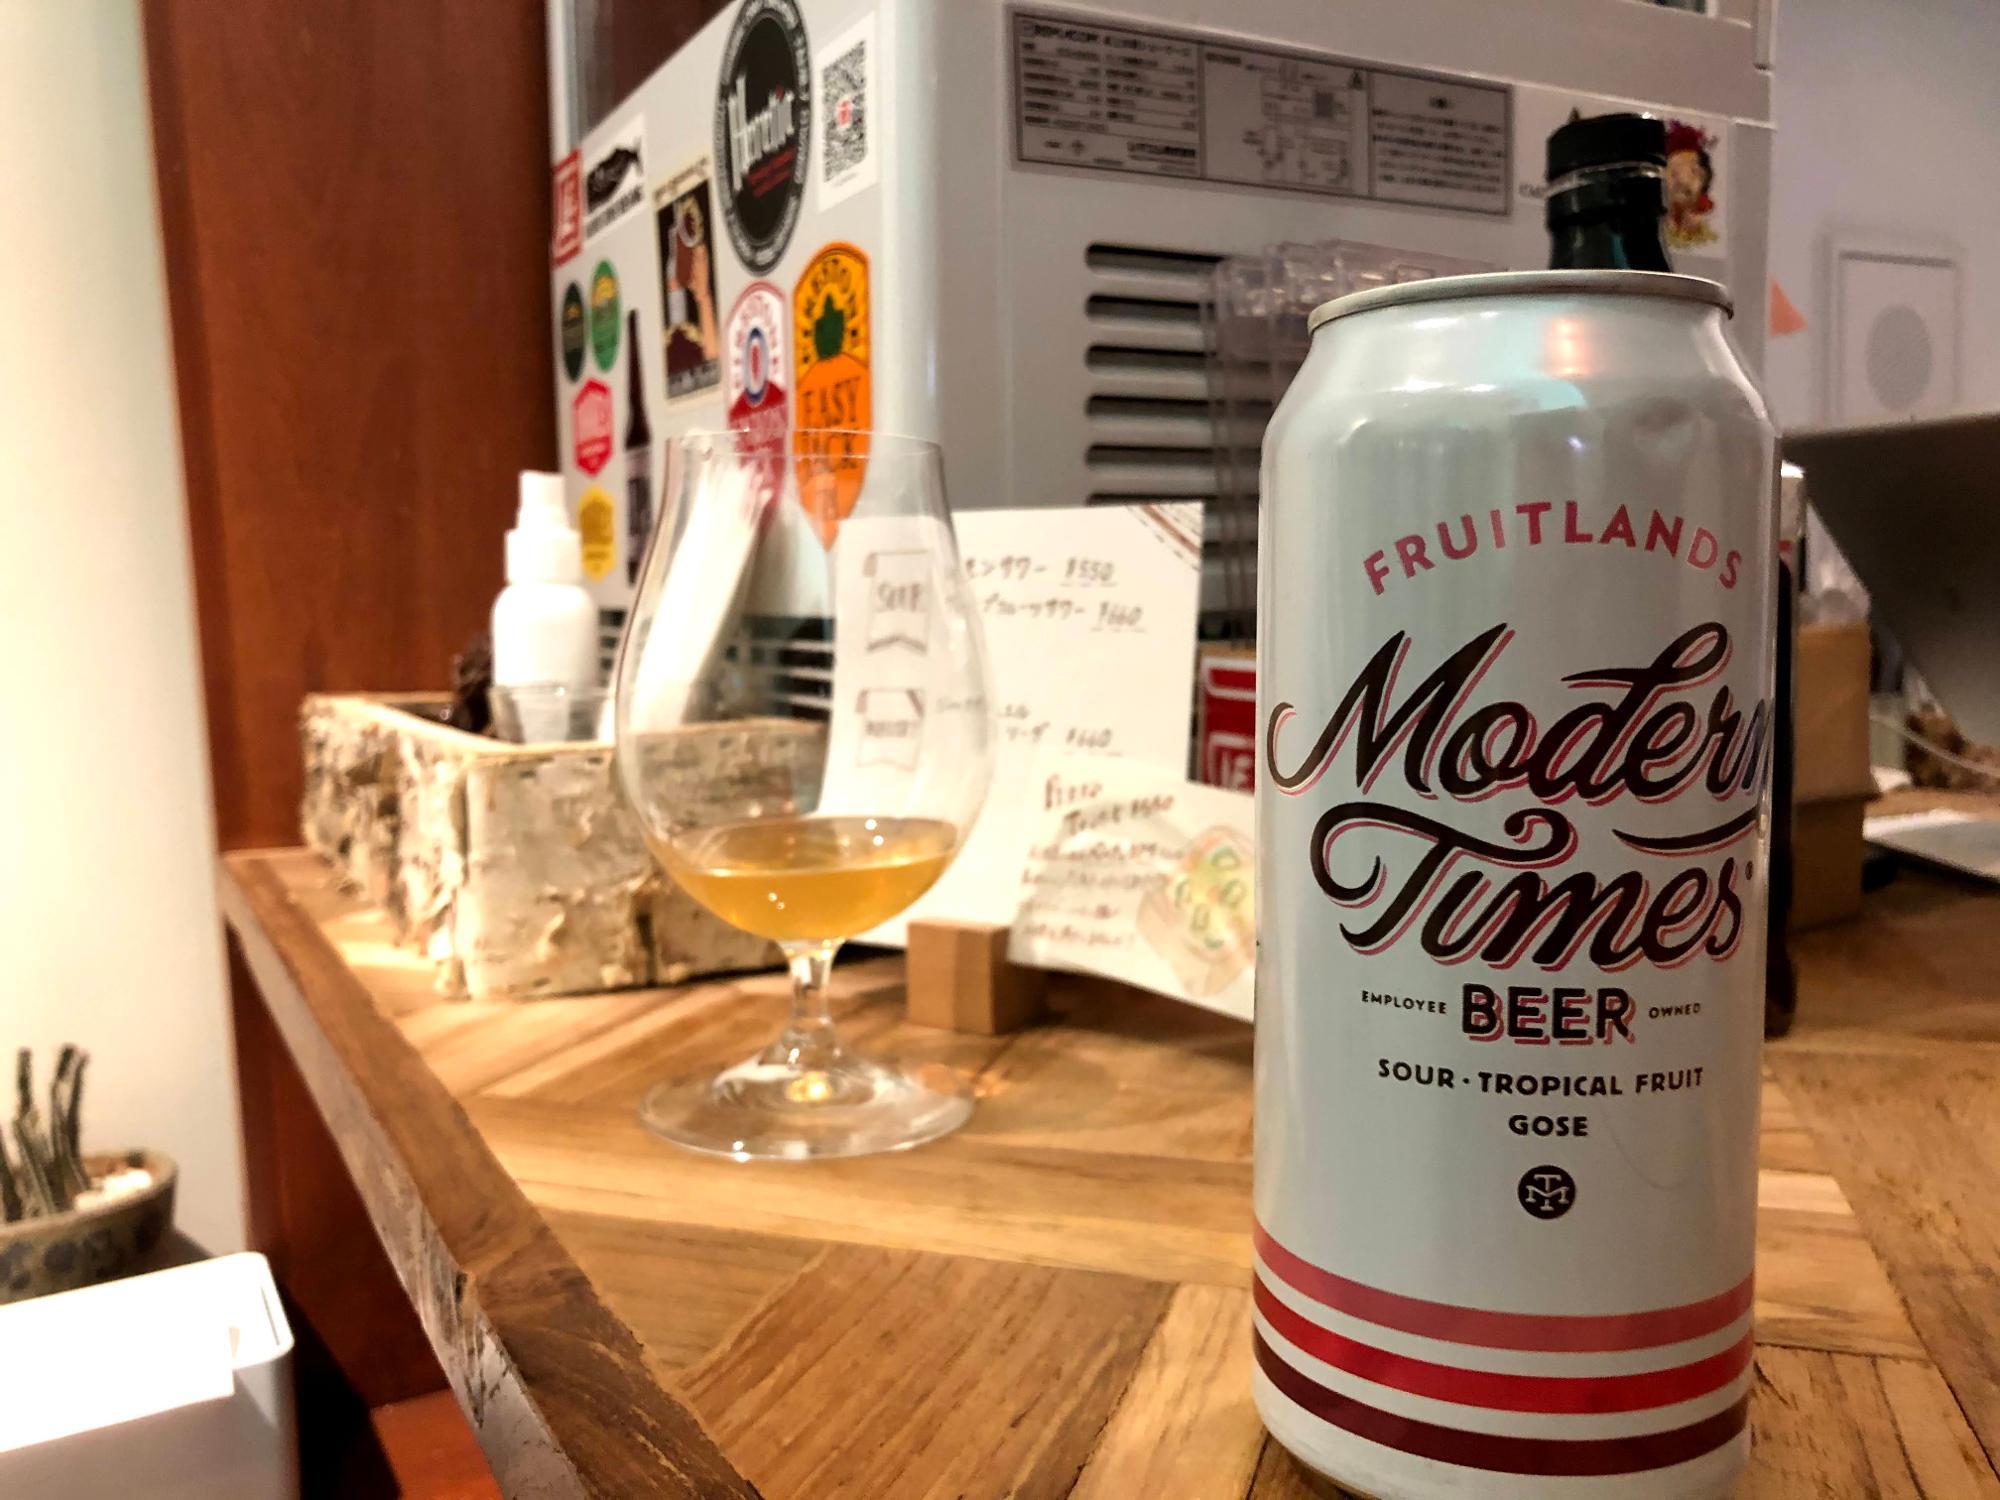 Modern Times モダンタイムス / フルートランズ パッションフルーツ&グァバ(1,240円)